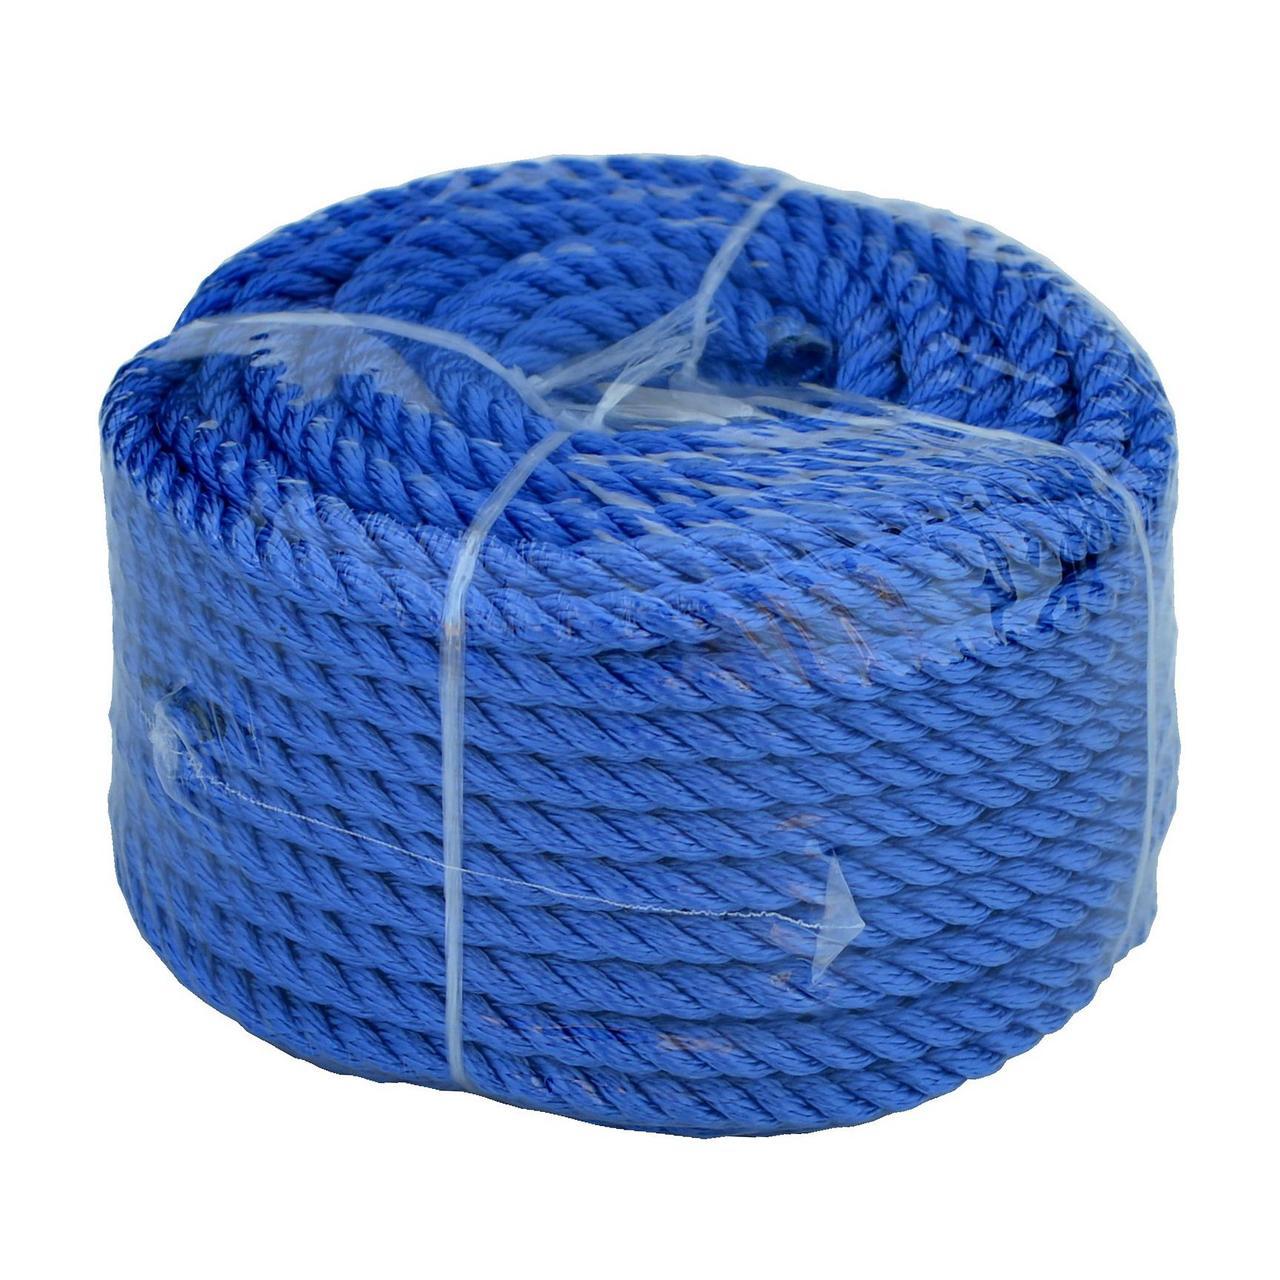 Веревка 30м 10мм синяя полиэстер универсальная twisted rope 10х30 b